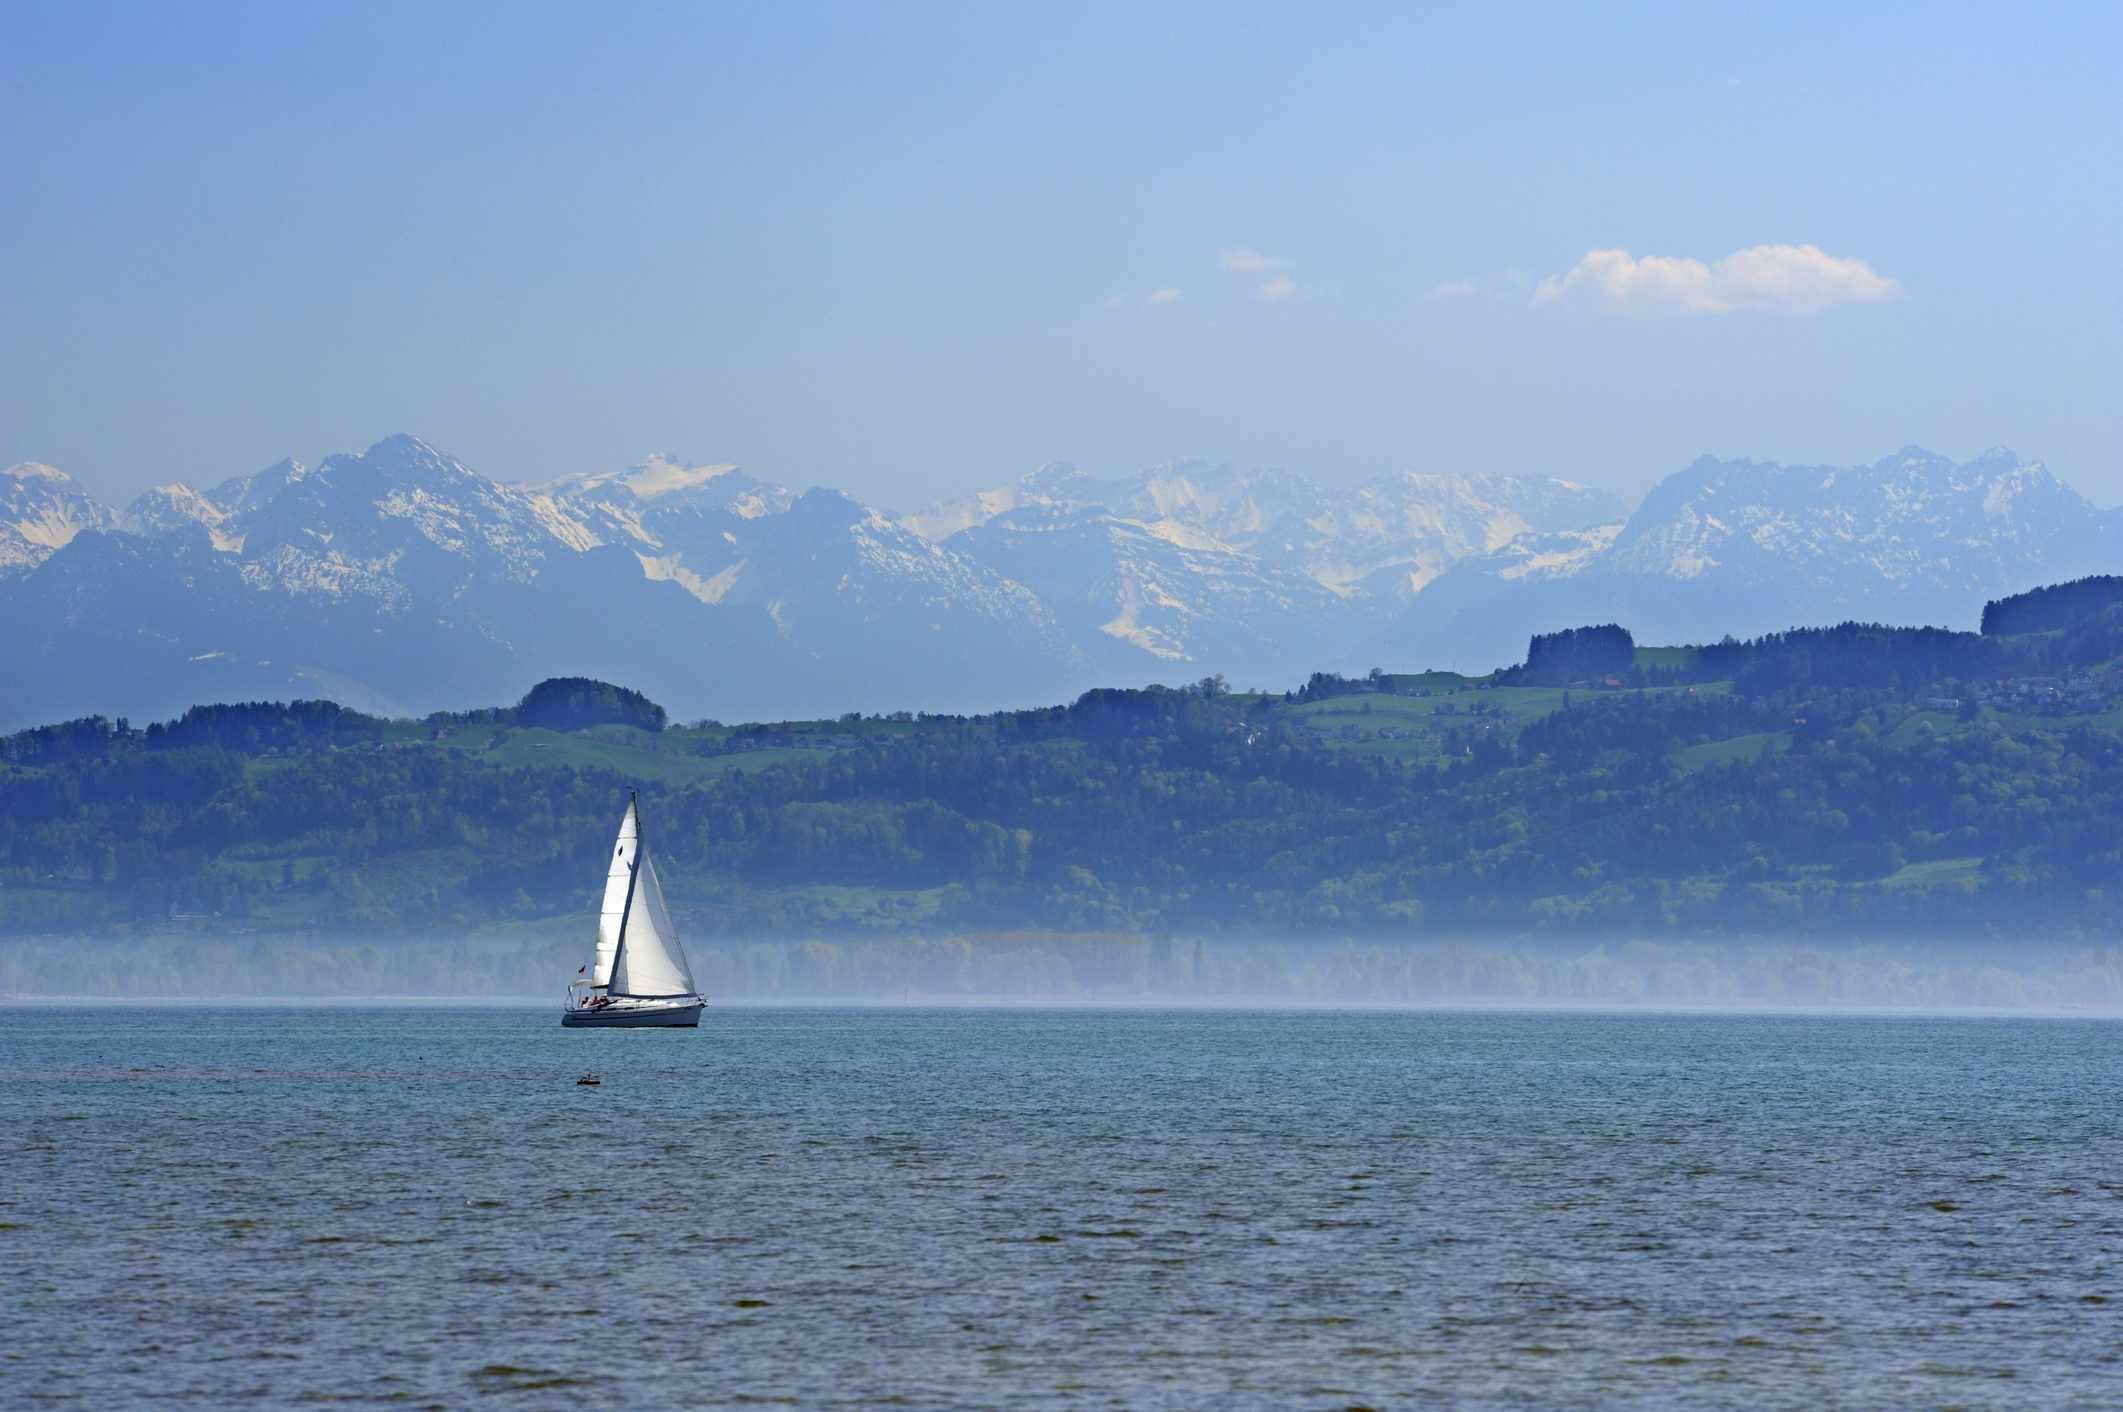 Velero con los Alpes suizos en el fondo, el lago de Constanza, Wasserburg, Lindau, Baviera, Alemania